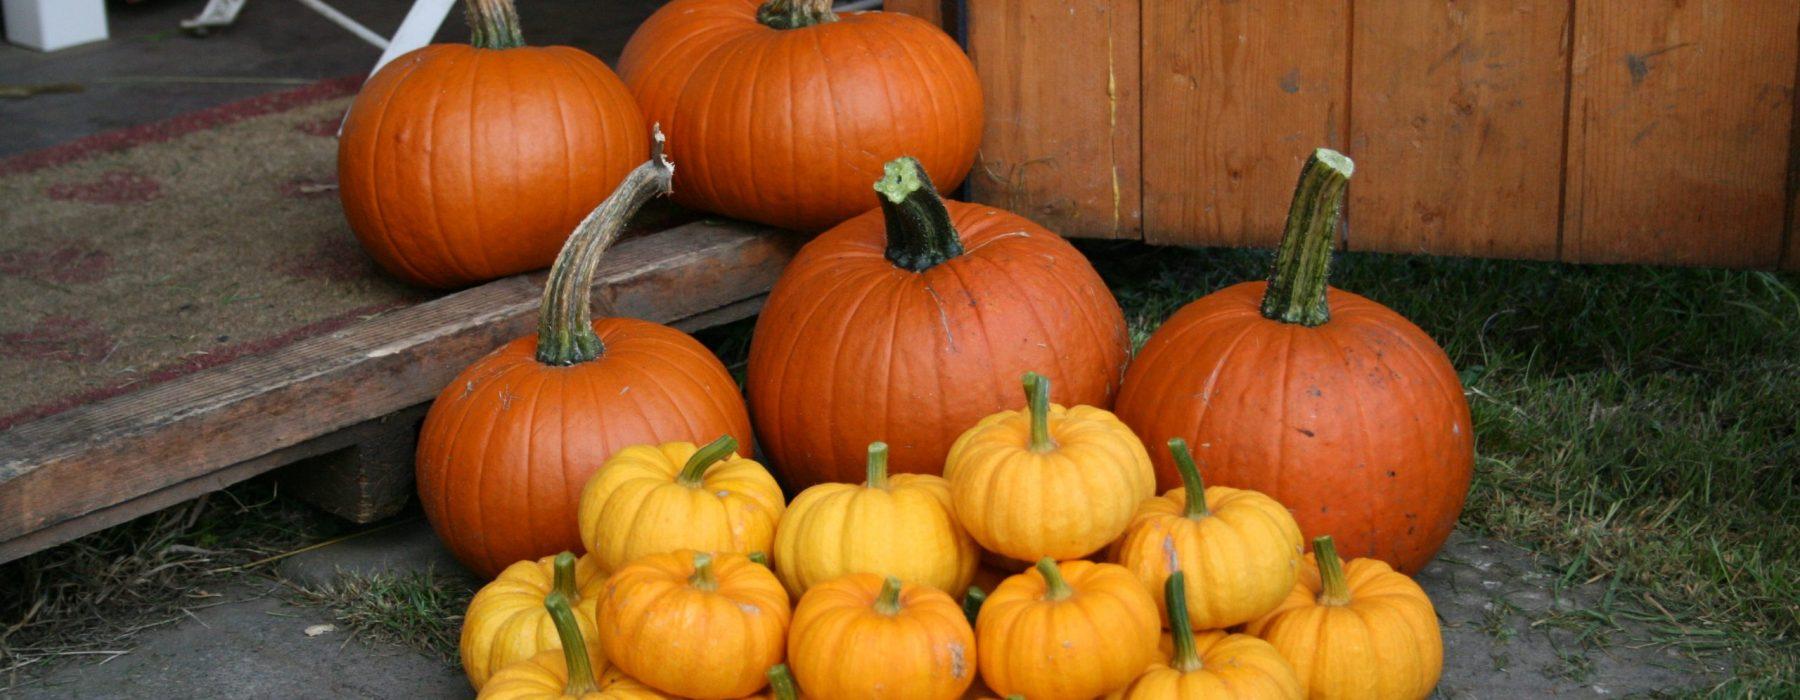 My Little Pumpkin Harvest